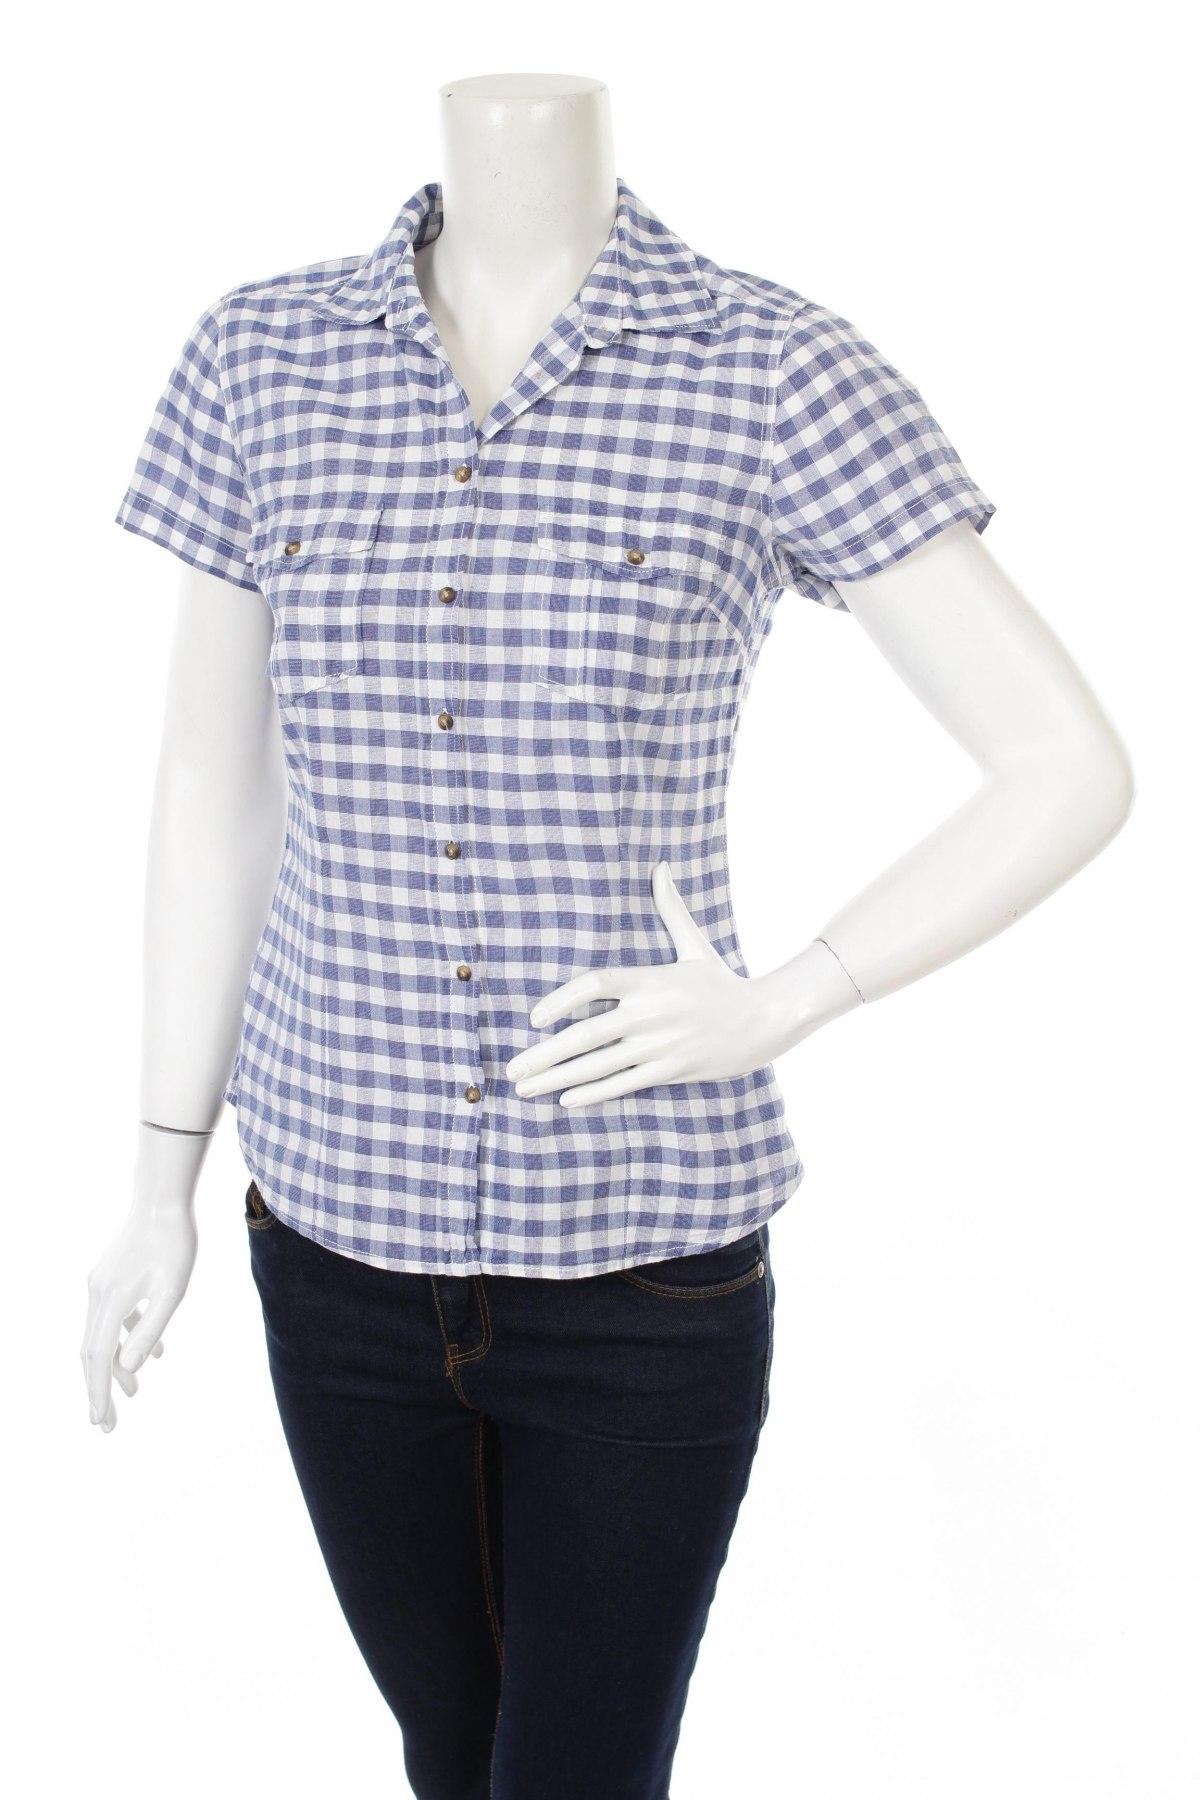 Γυναικείο πουκάμισο H&M L.o.g.g, Μέγεθος M, Χρώμα Λευκό, Τιμή 10,82€